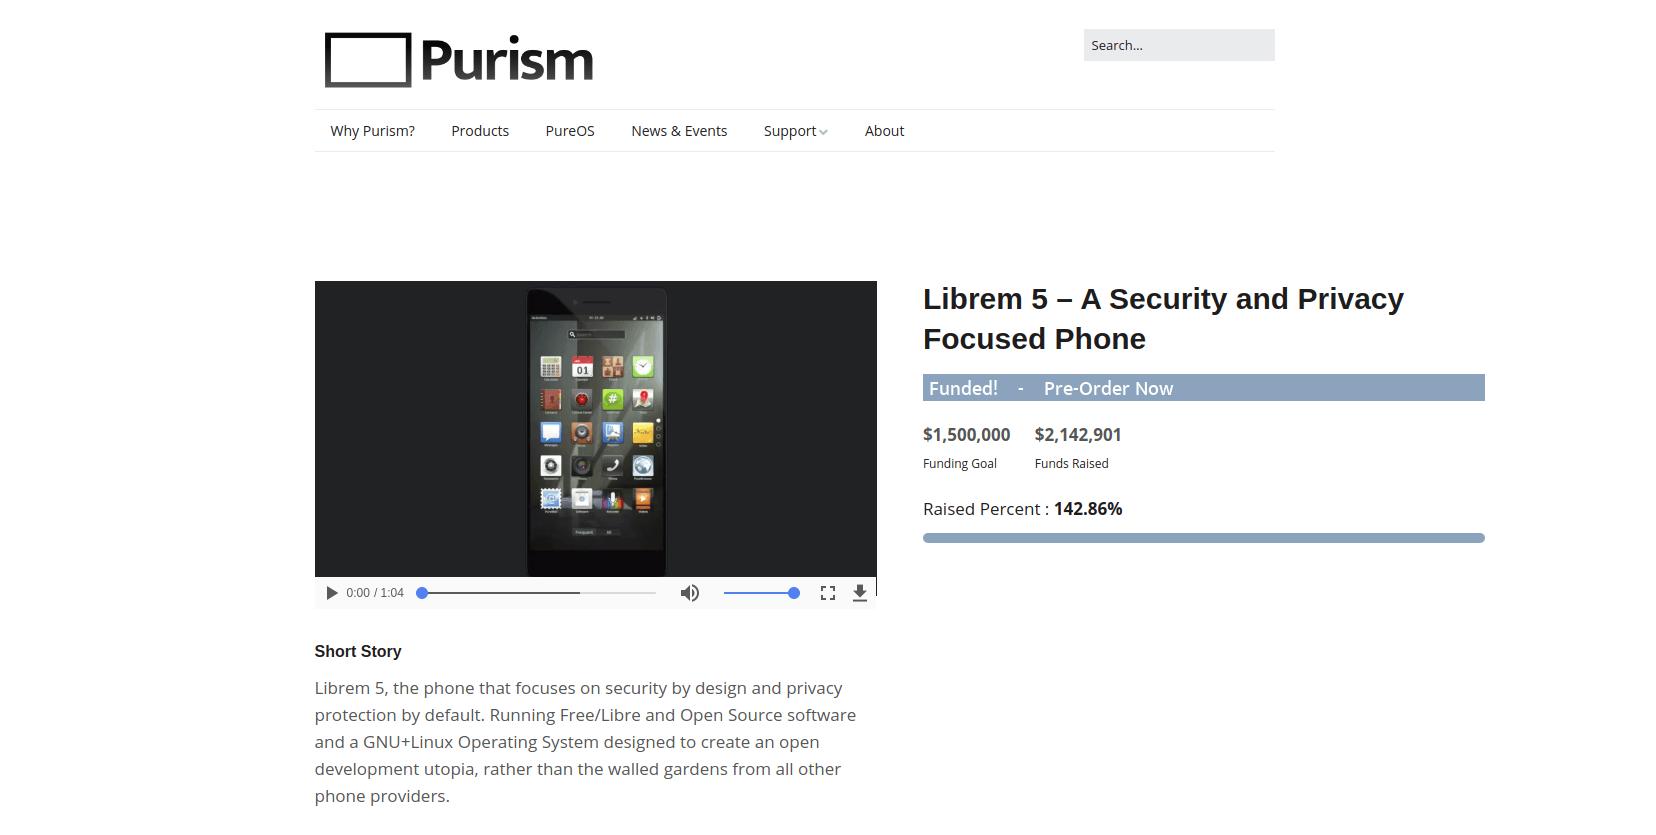 Zbiórka funduszy na projekt Librem 5 - smartfona z prawdziwym Linuxem - właśnie się zakończyła 27